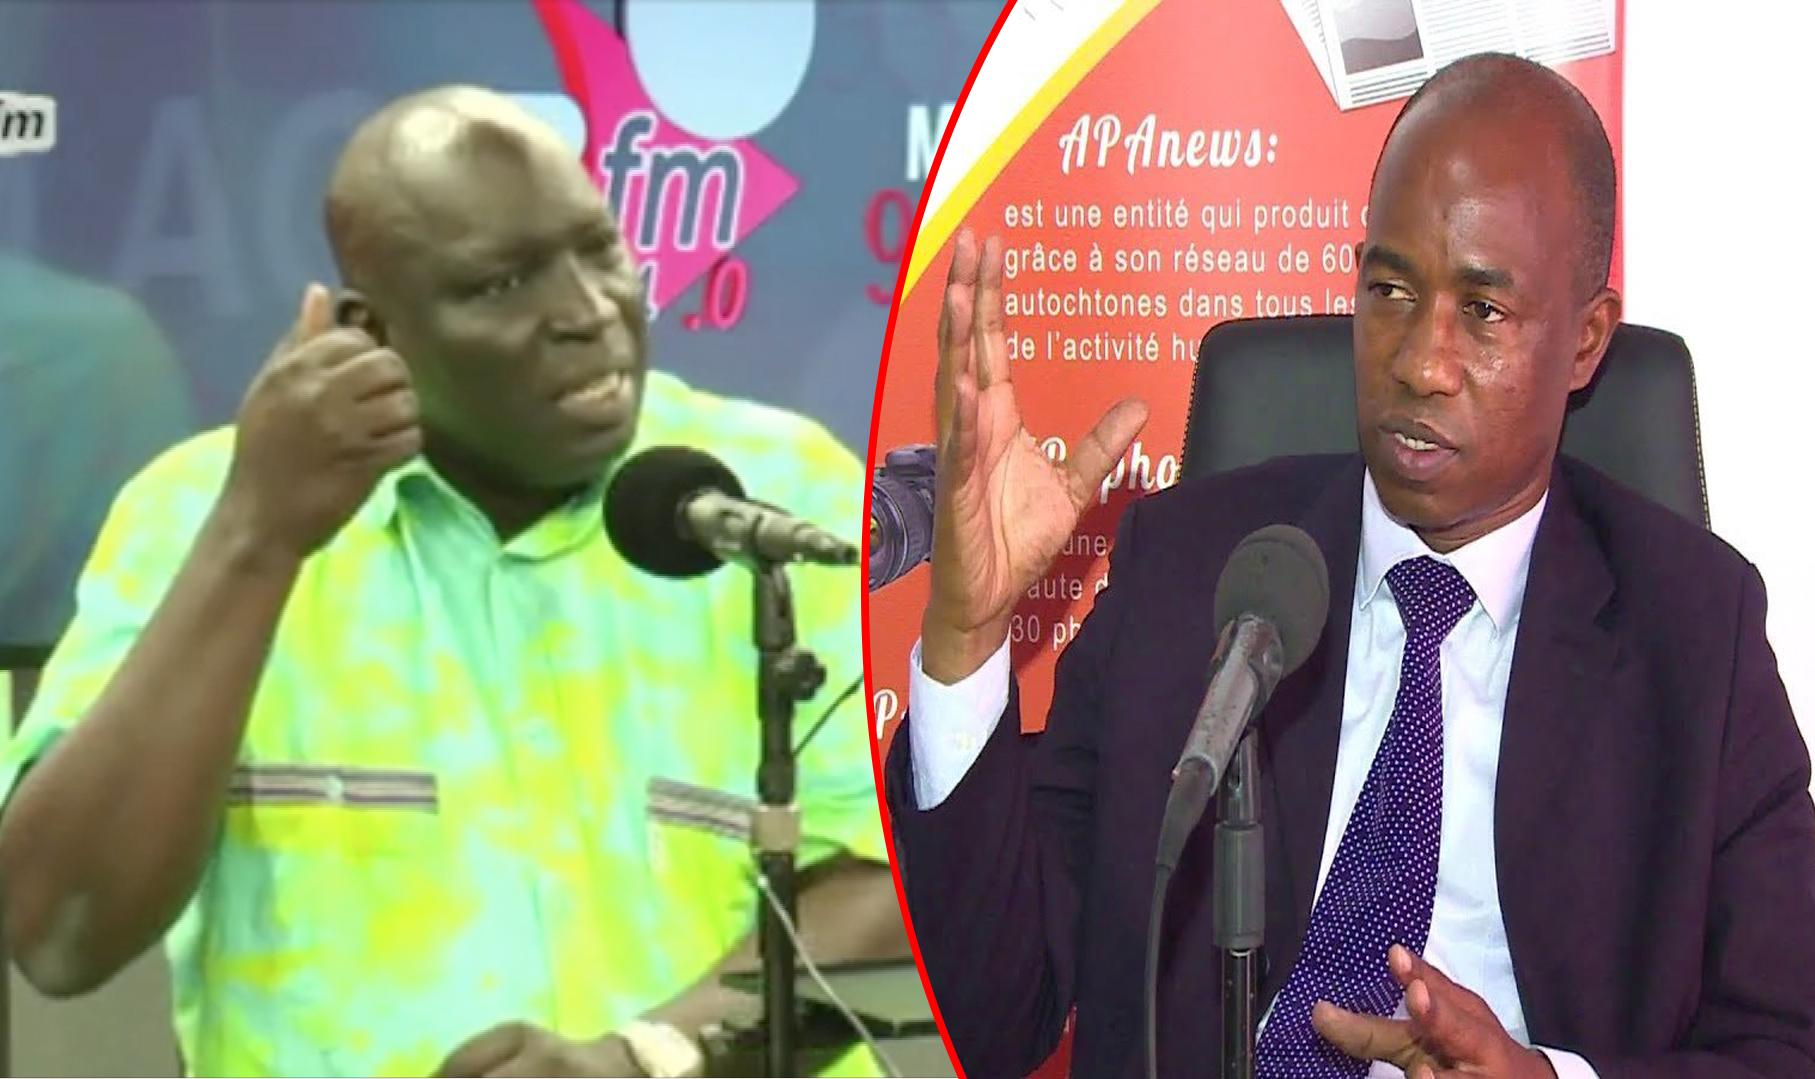 Affaire diffamation: l'acte 1 du procès Souleymane Téliko contre Madiambal Diagne